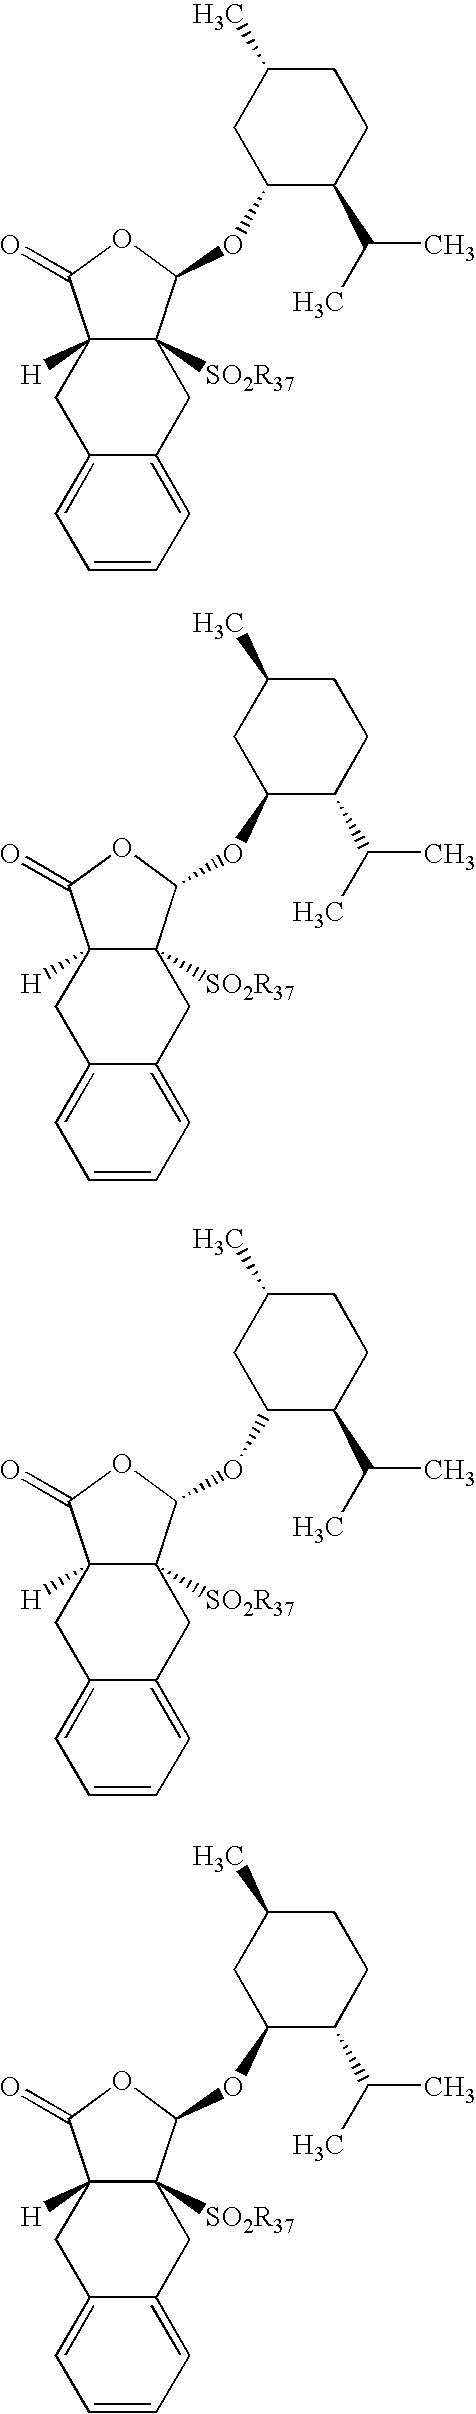 Figure US20040065227A1-20040408-C00038